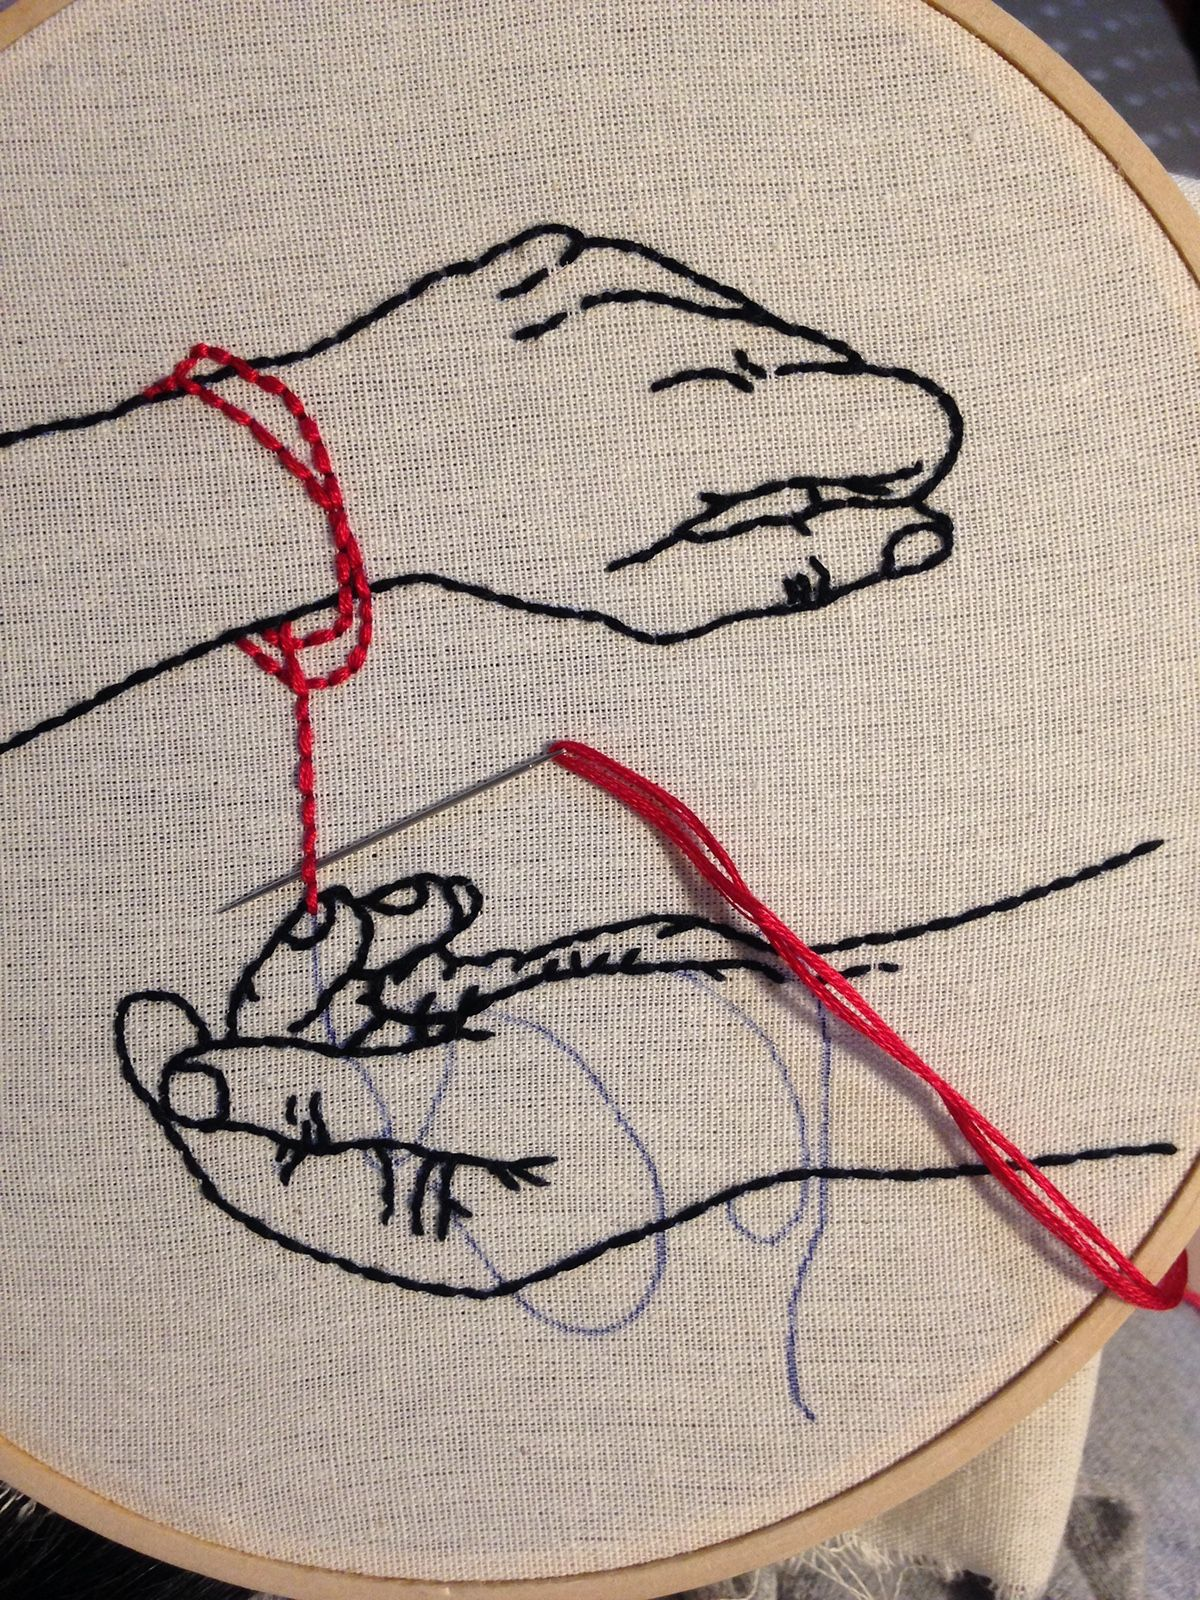 Hilo Rojo Del Destino On Behance Embroidery Art Embroidery Hoop Art Hand Embroidery Patterns